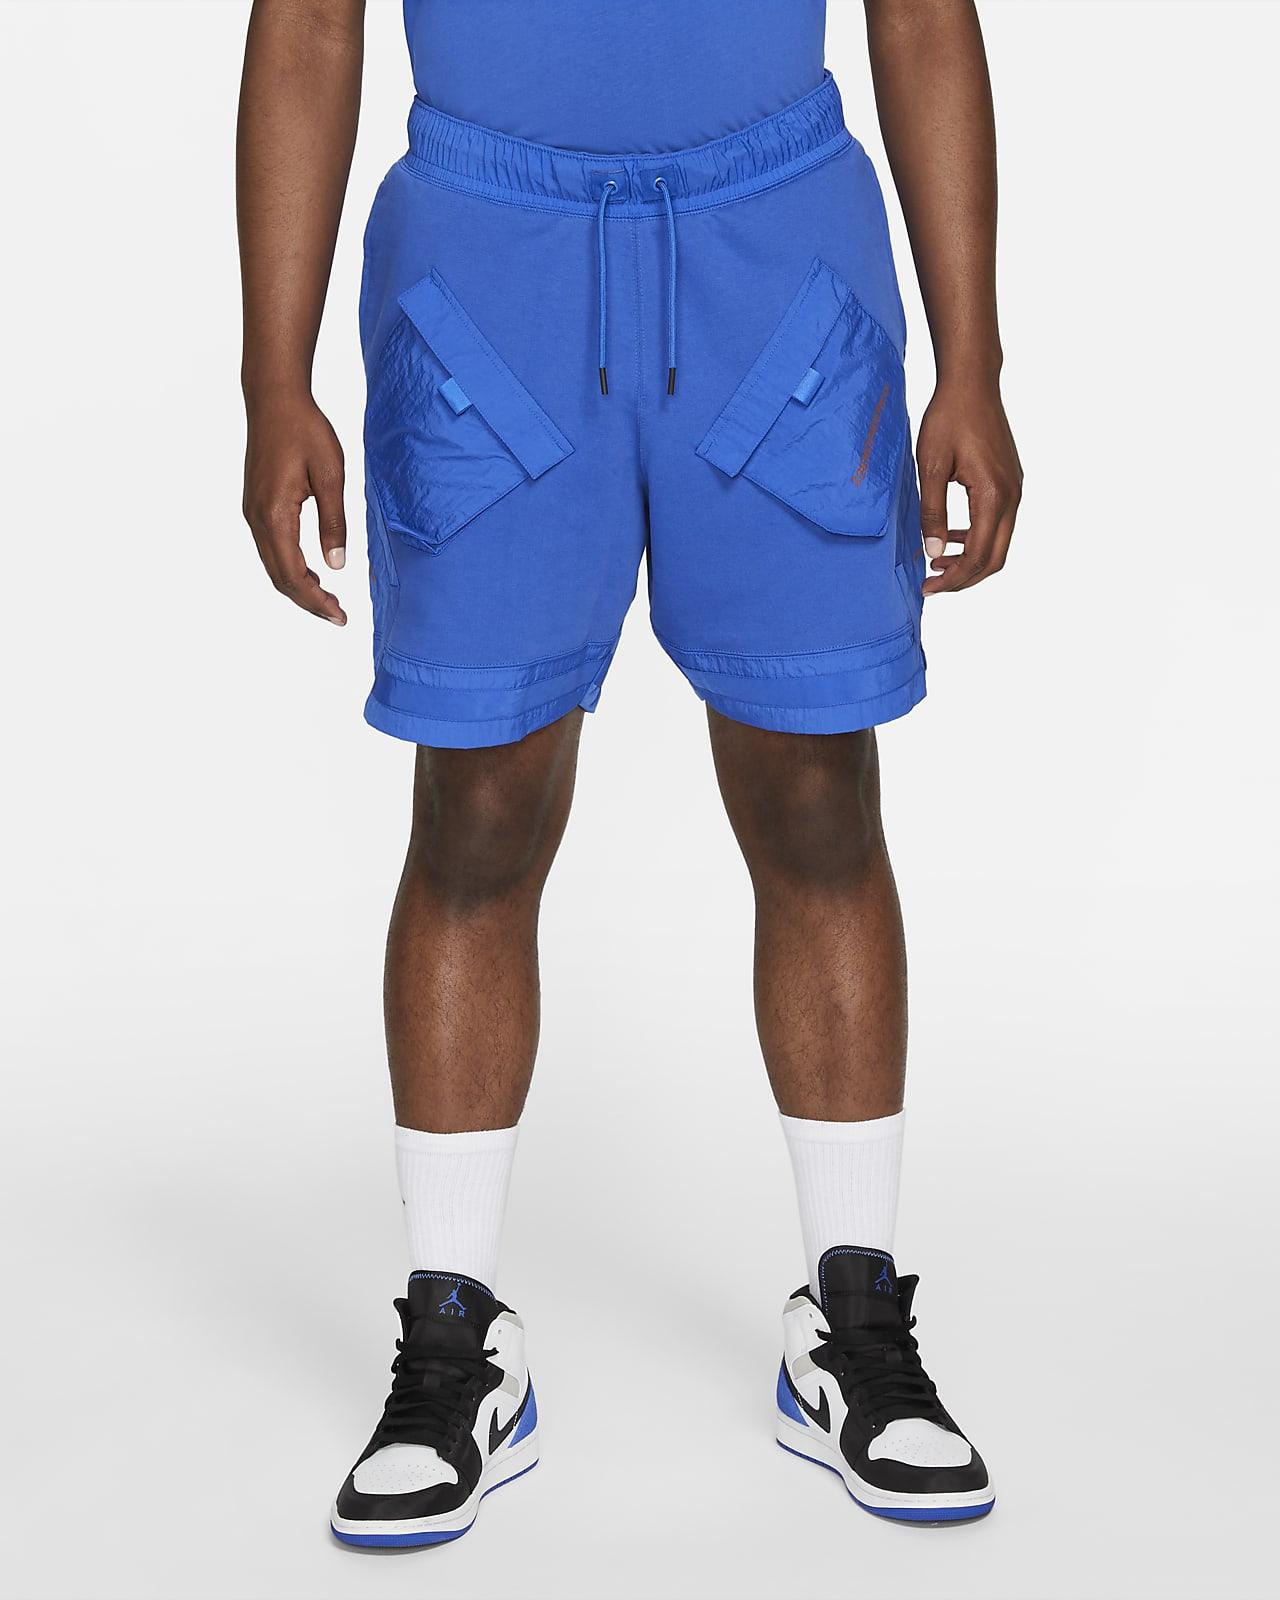 Short en tissu Fleece Jordan 23 Engineered pour Homme